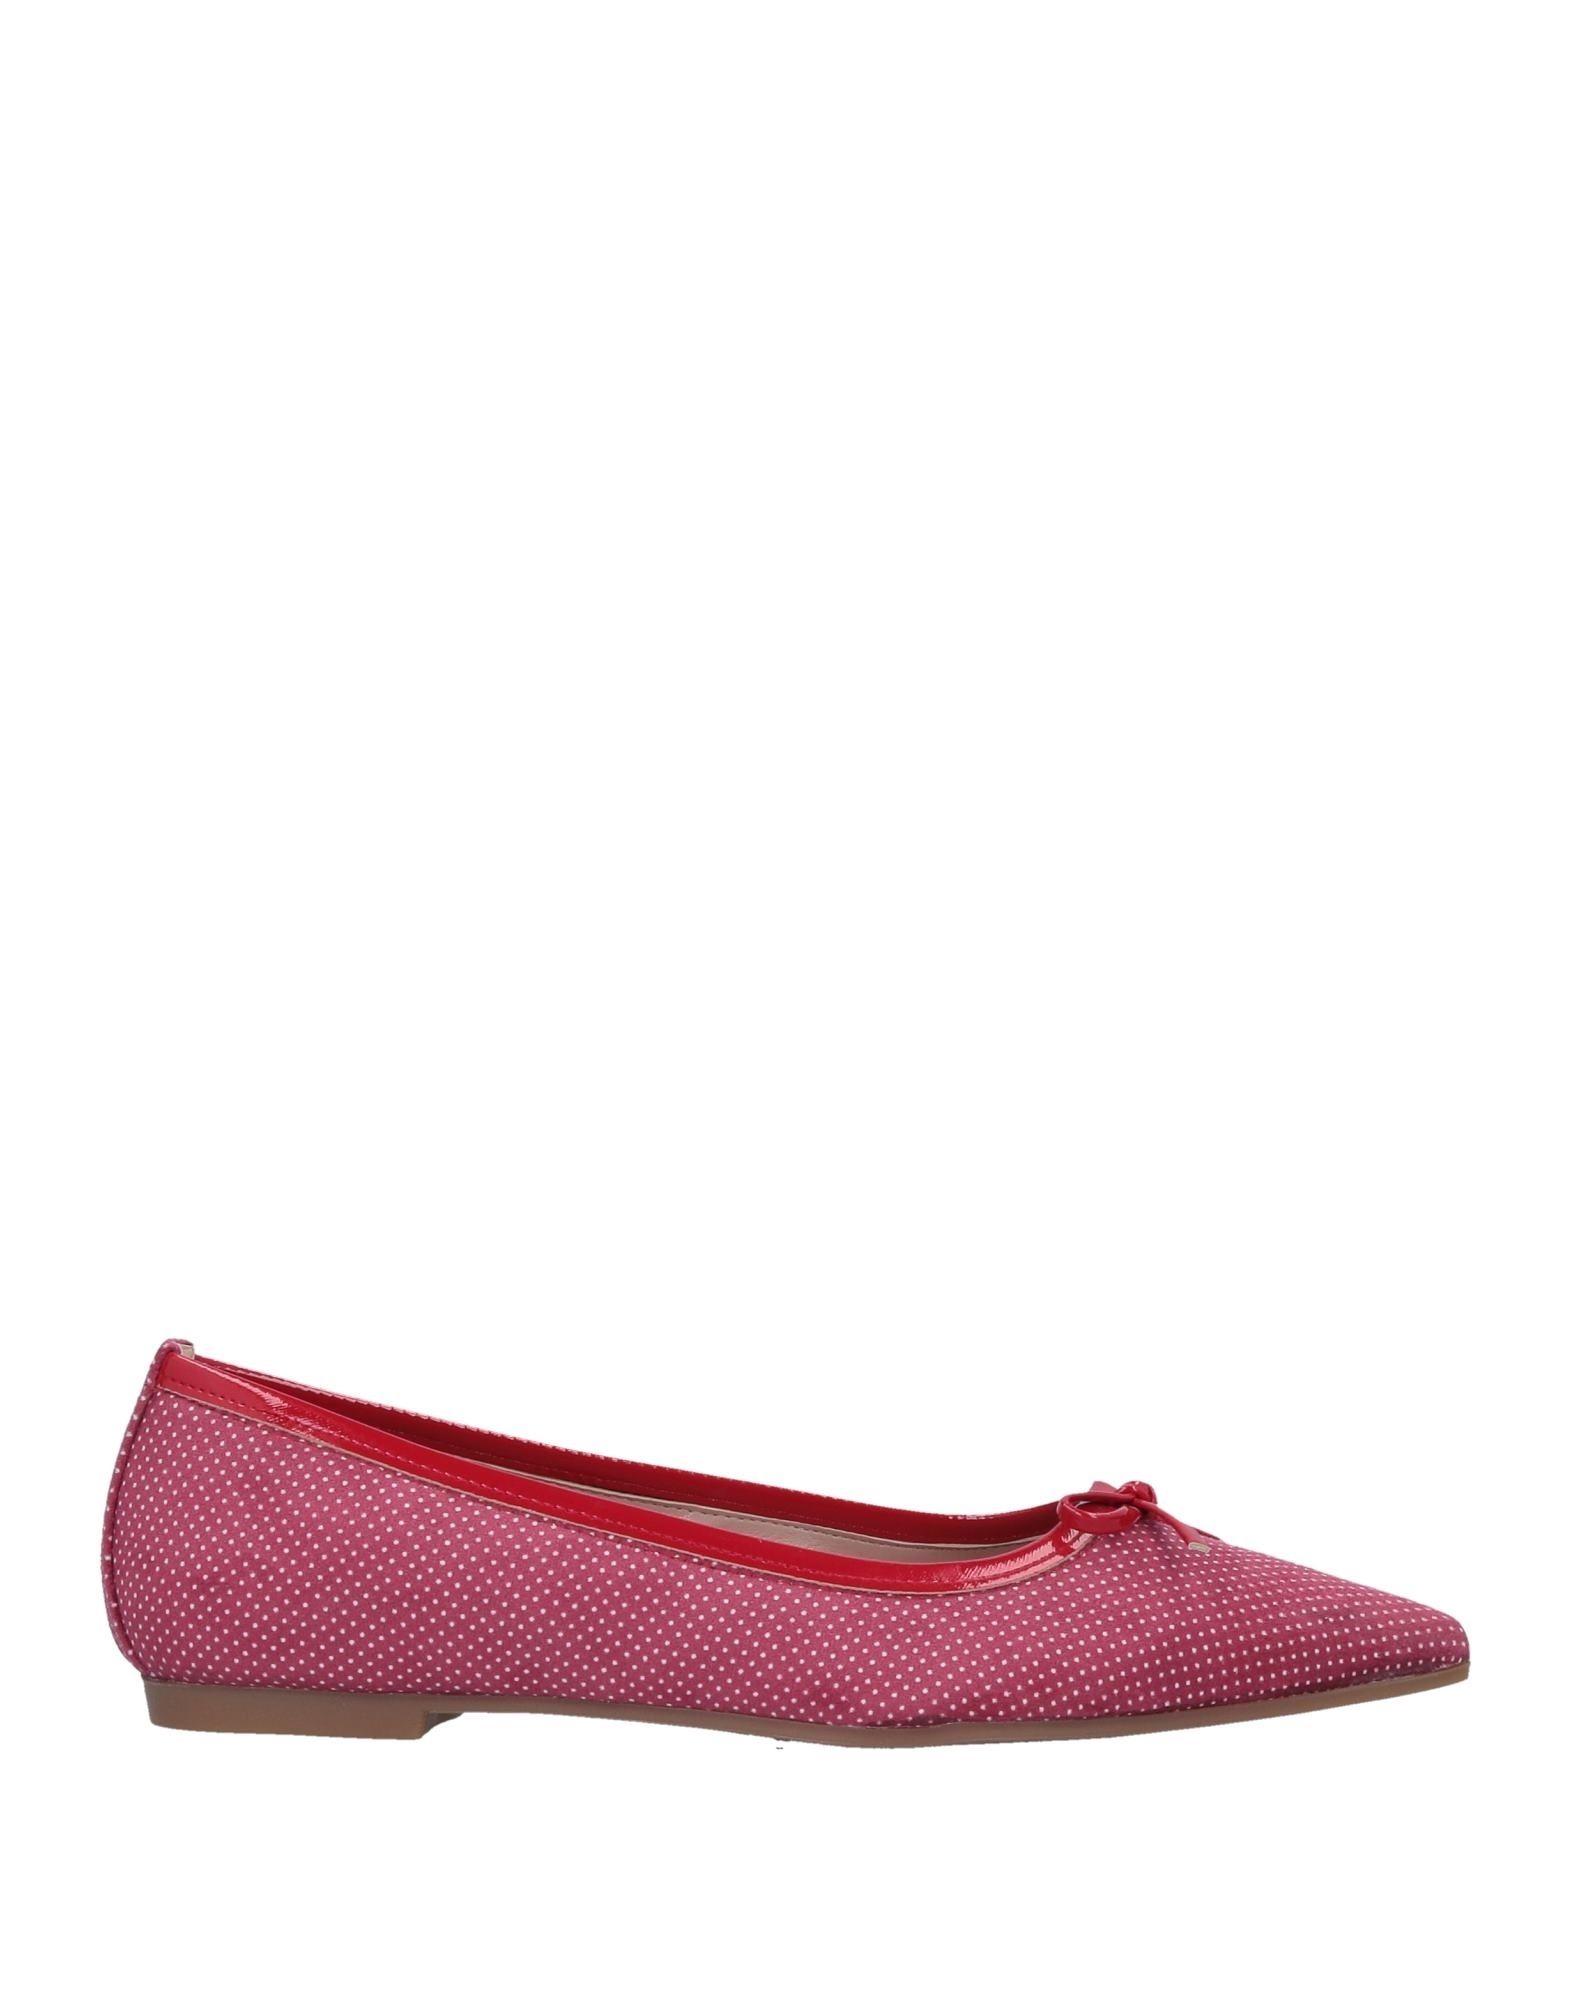 Scarpe economiche e resistenti Ballerine Vivian Donna - 11506581NB